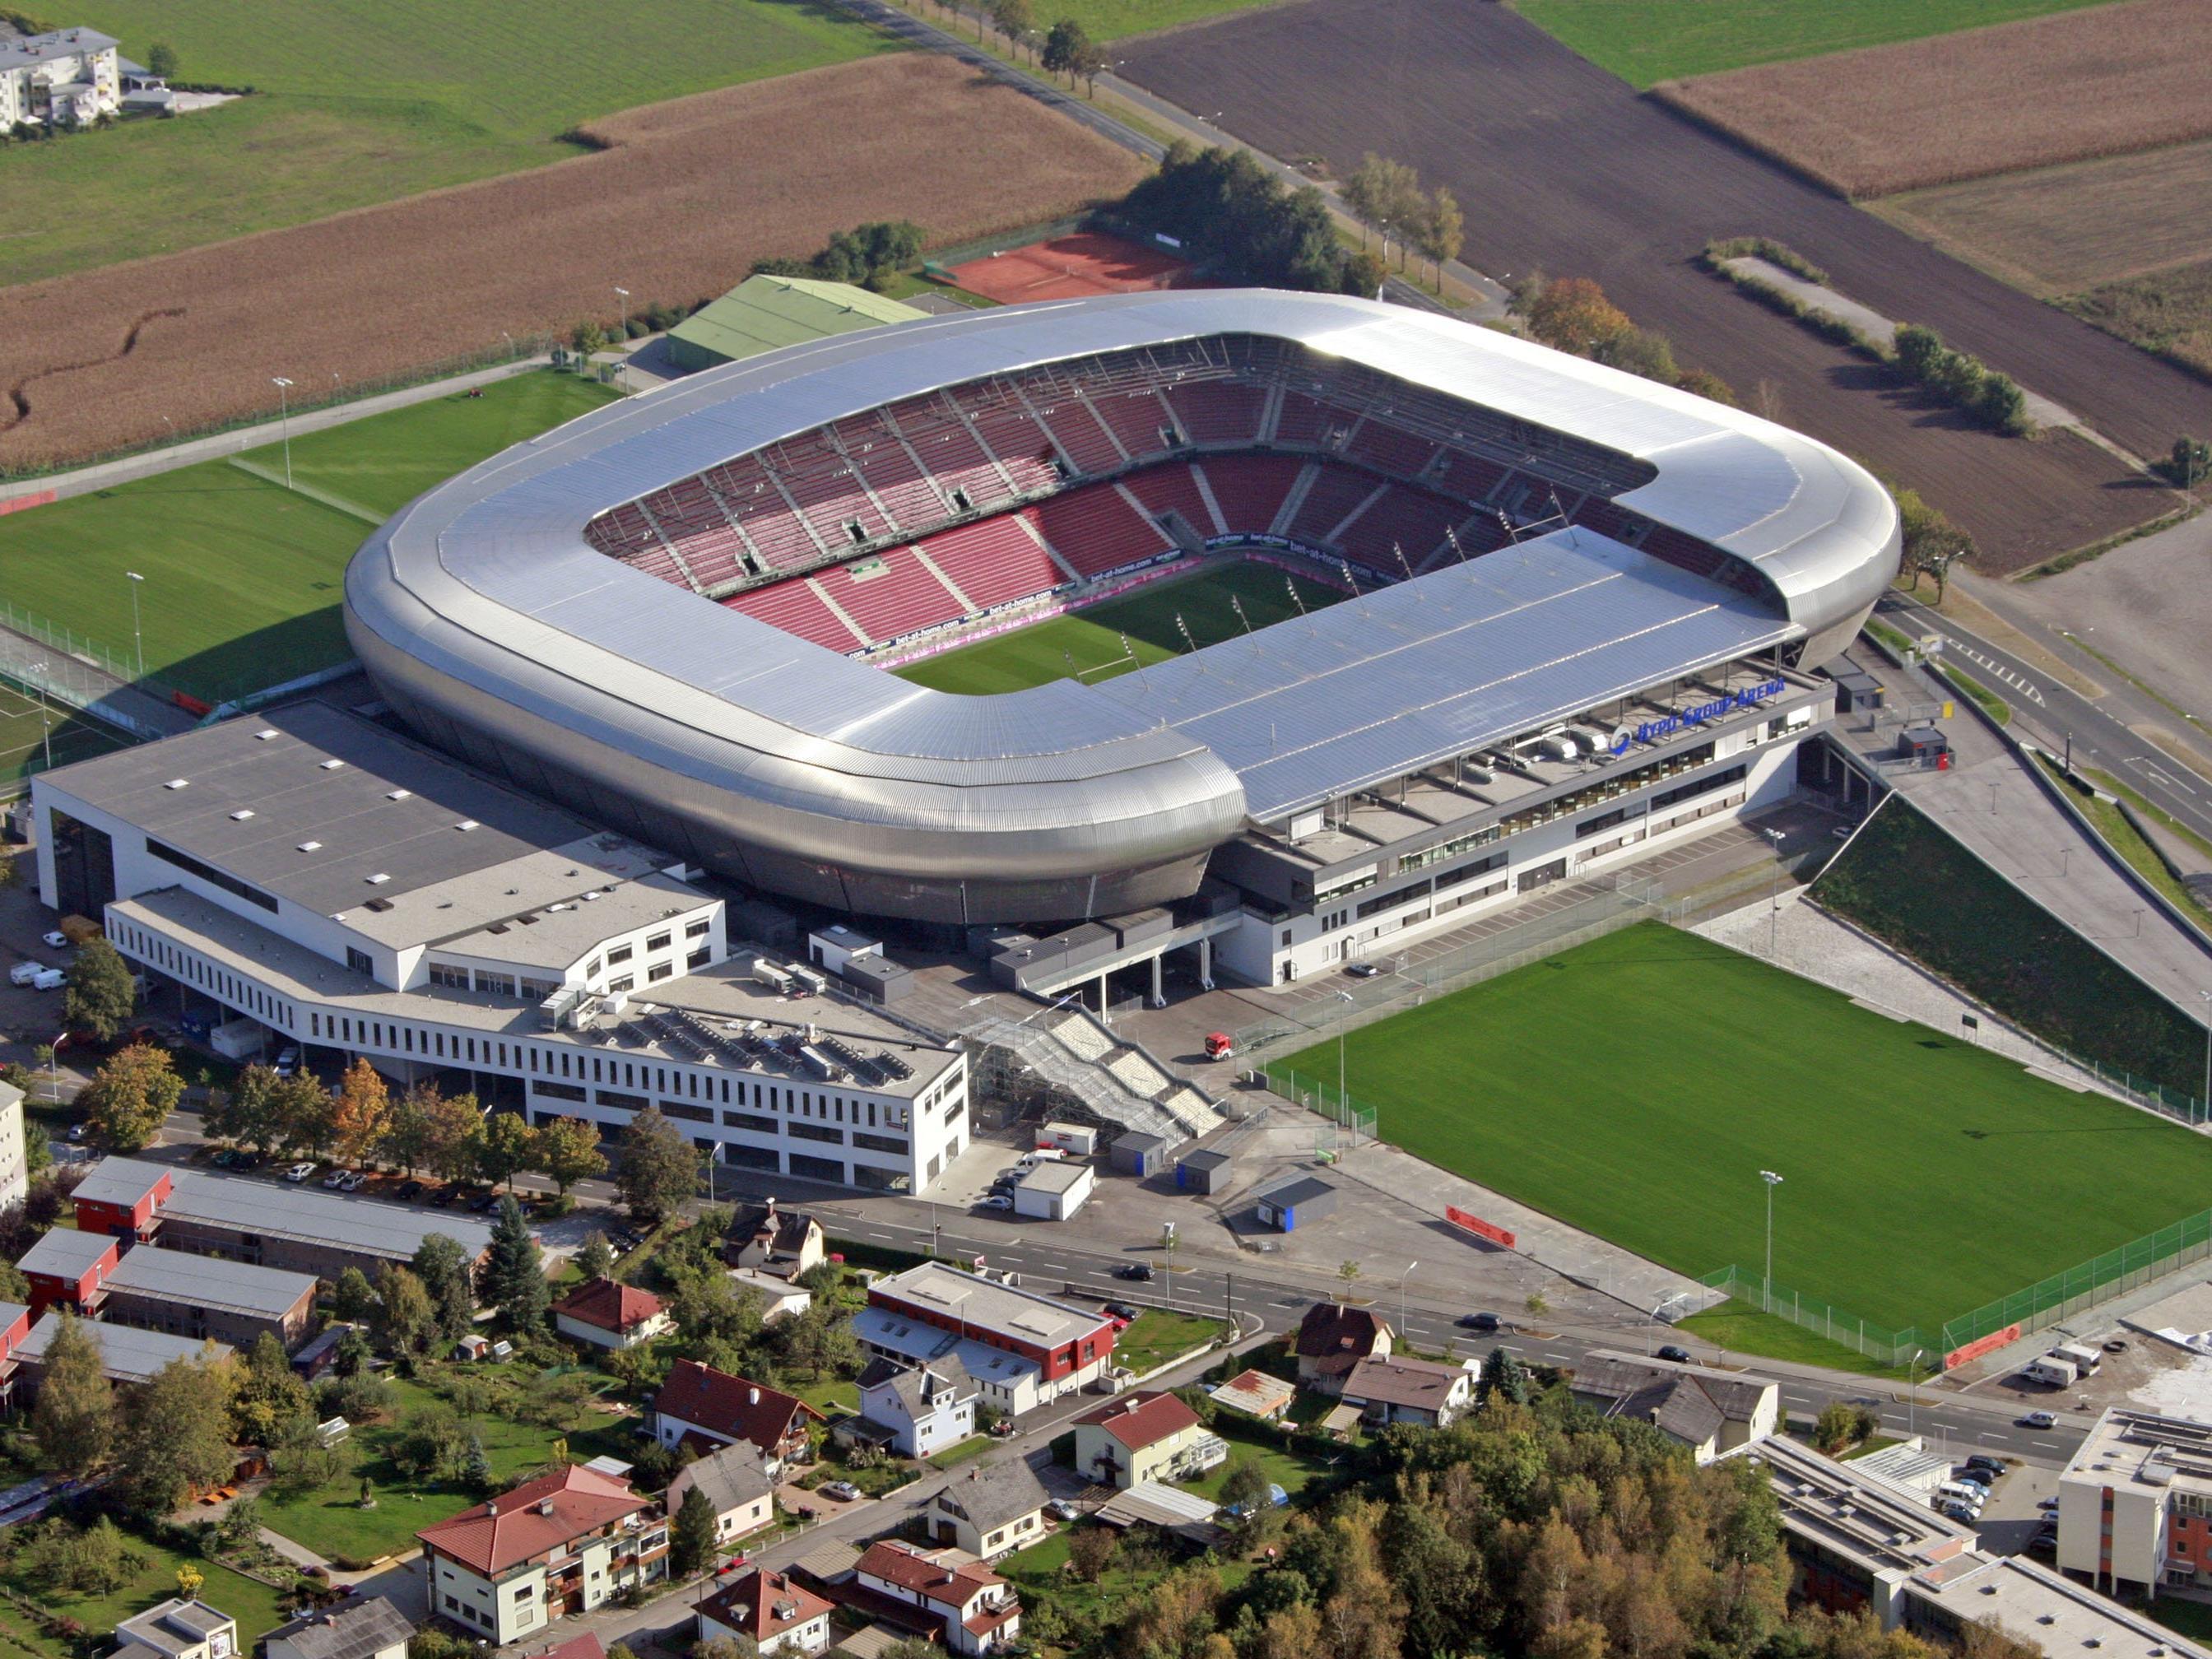 Beim Cupfinale in Klagenfurt werden wohl über 20.000 Fans live dabei sein.